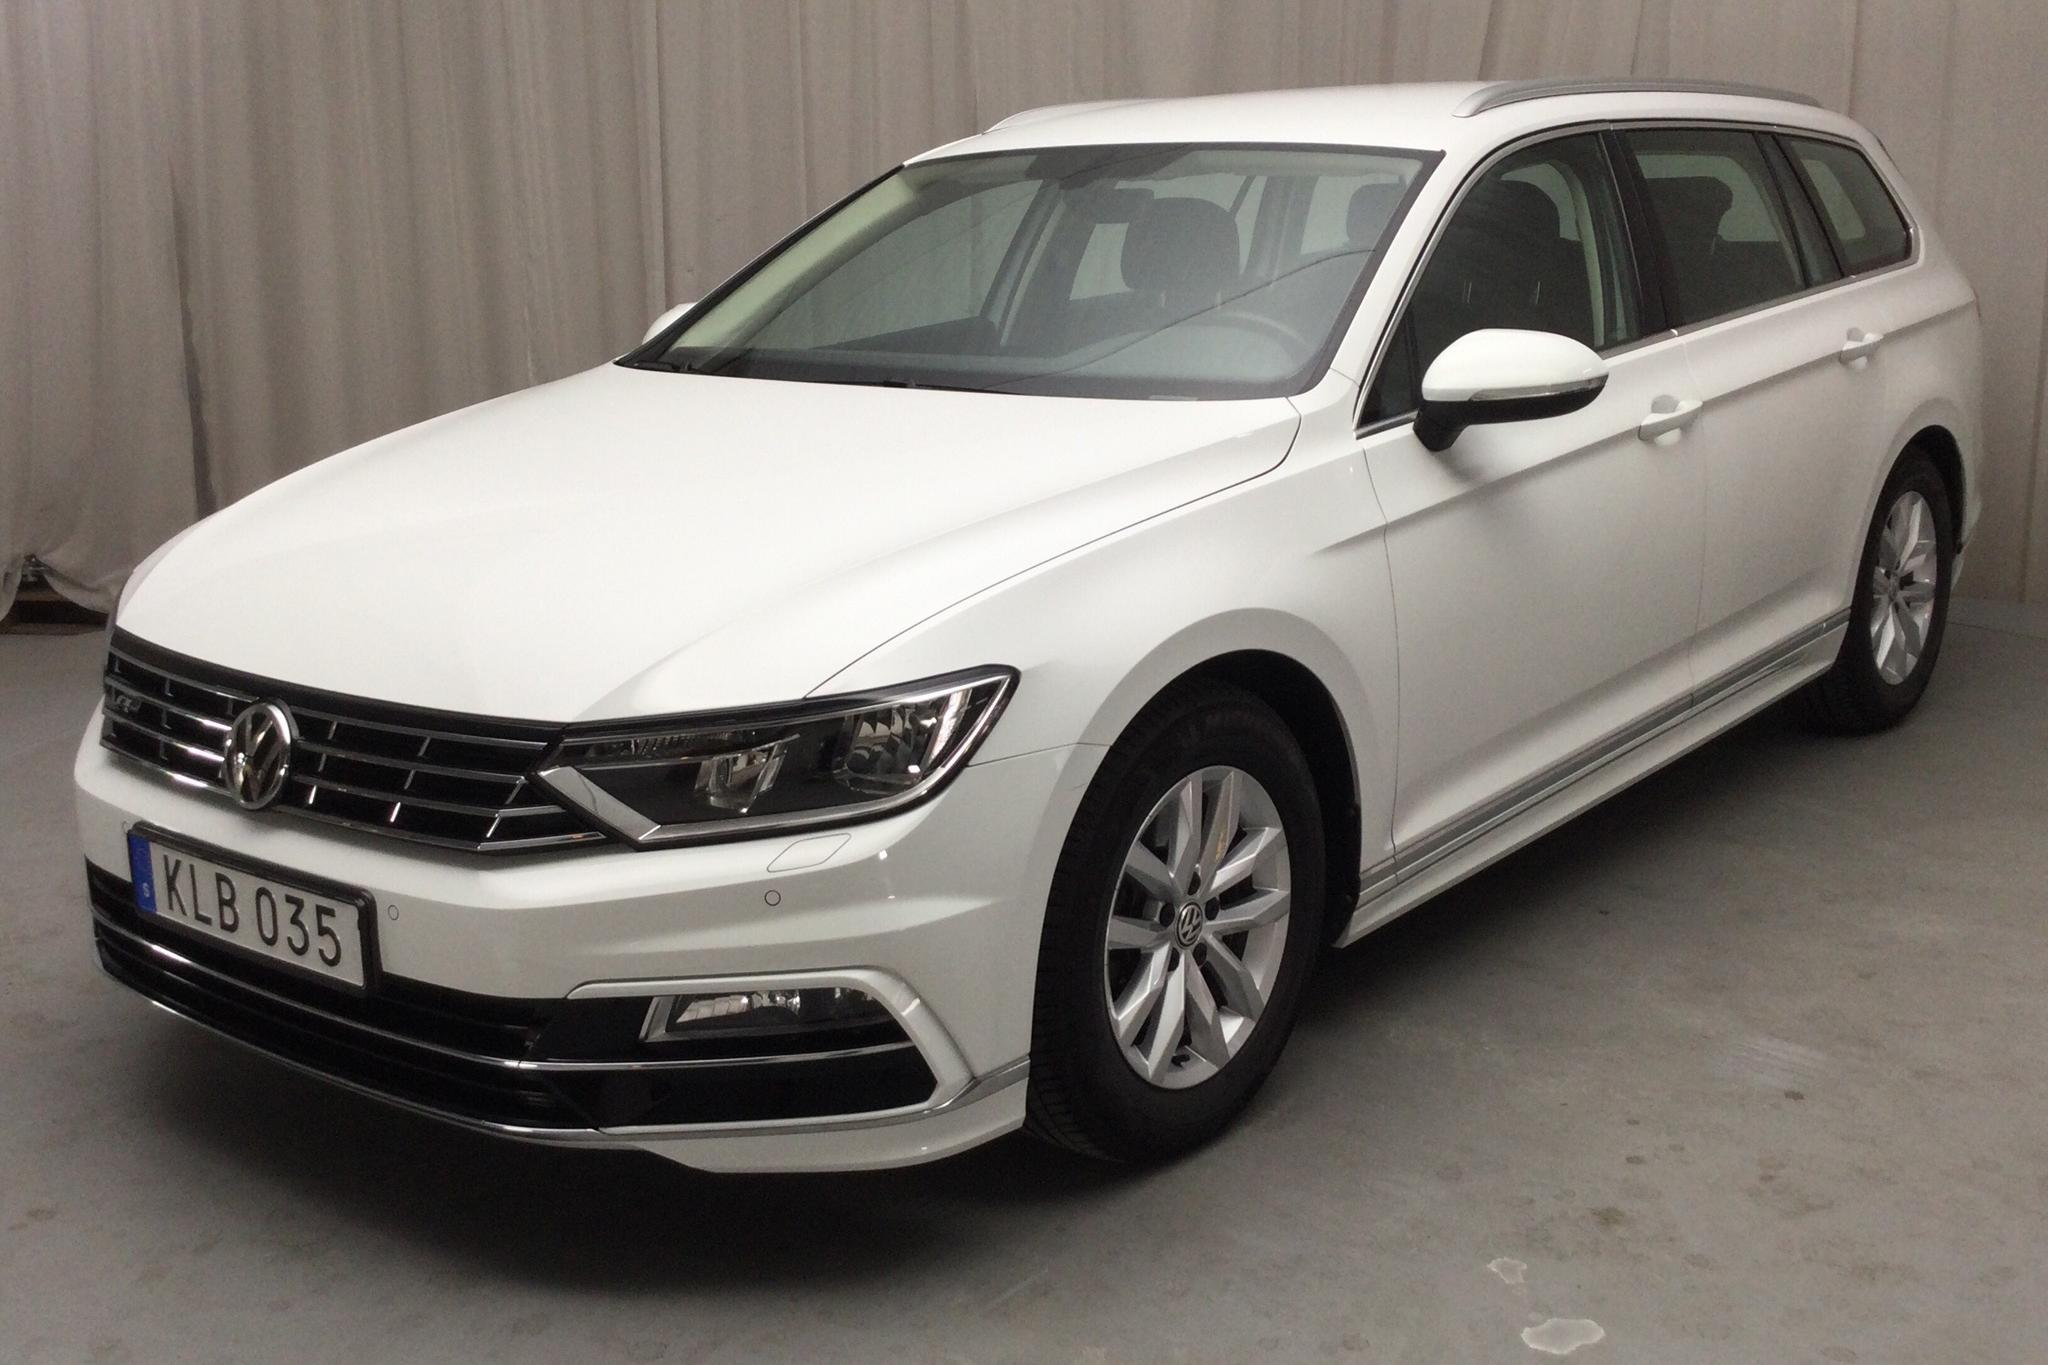 VW Passat 1.4 TSI Sportscombi (150hk) - 4 786 mil - Automat - vit - 2018